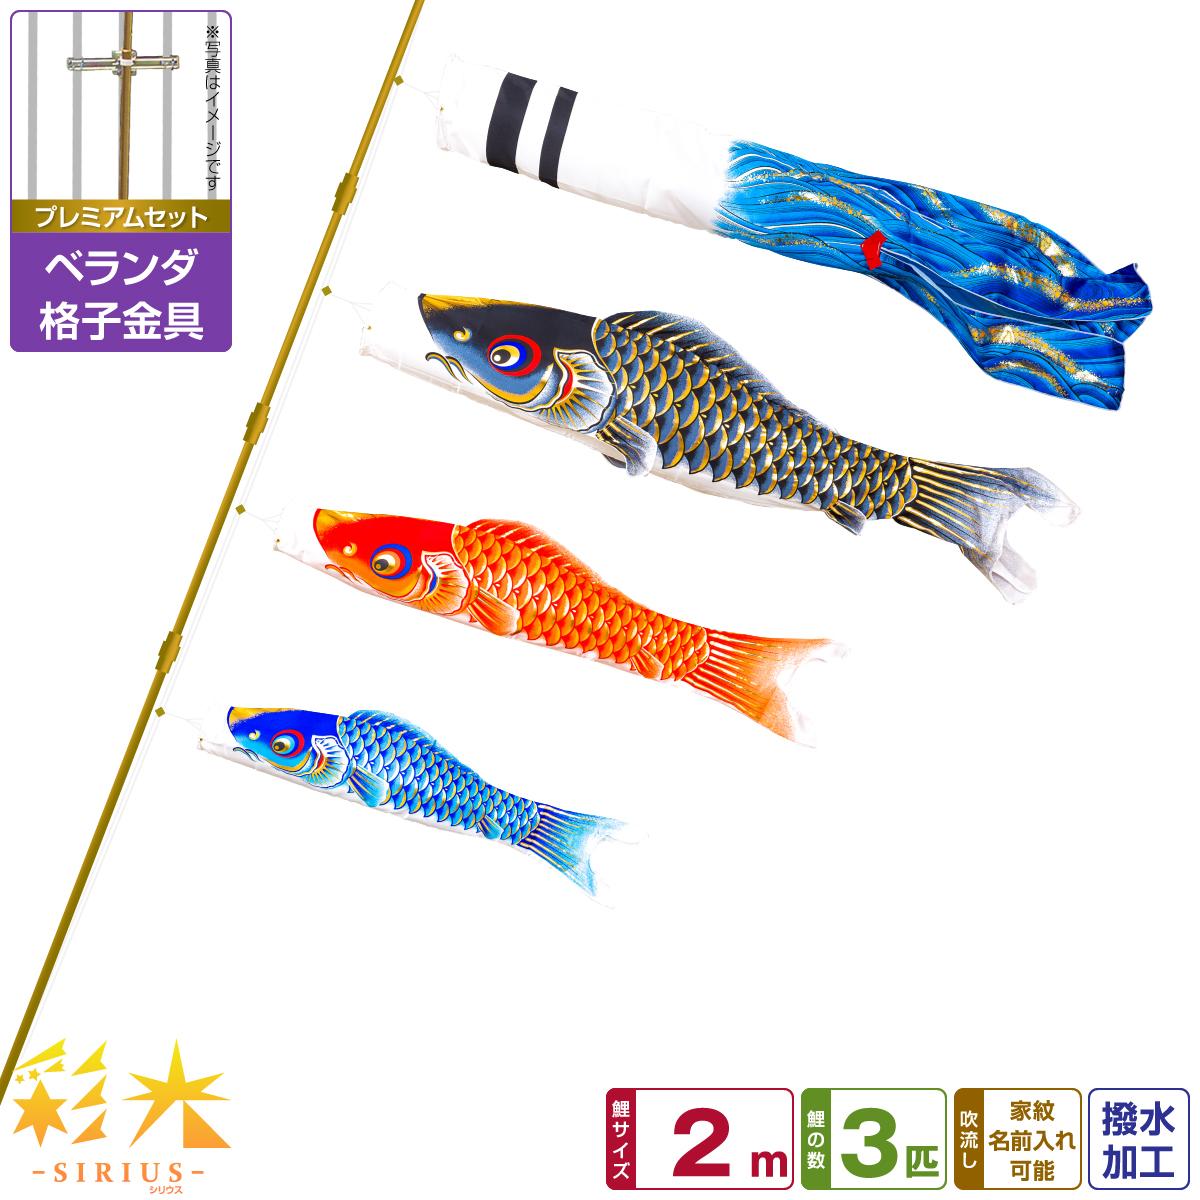 ベランダ用 こいのぼり 鯉のぼり SIRIUS/彩光鯉 2m 6点(吹流し+鯉3匹+矢車+ロープ)/プレミアムセット(格子金具)